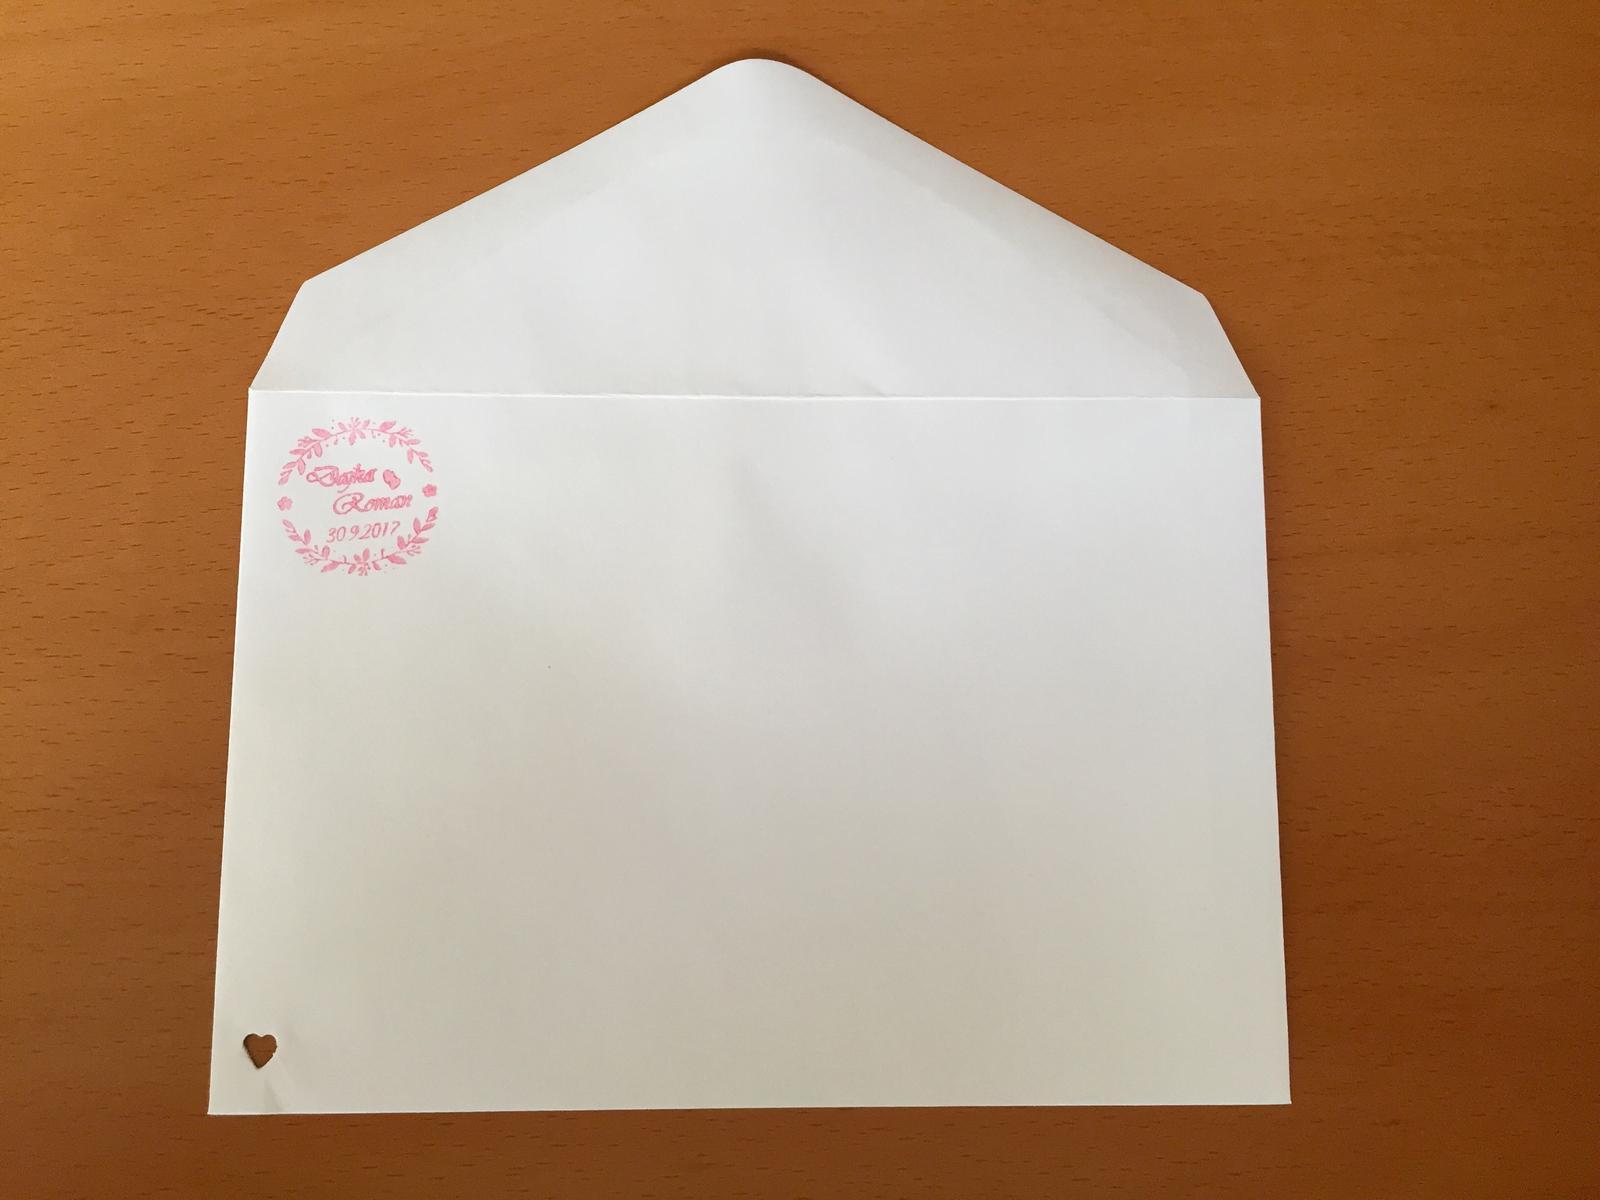 Svadobné prípravy D&R - Svadobné obálky s pečiatkou a výsekom v tvare ❤️